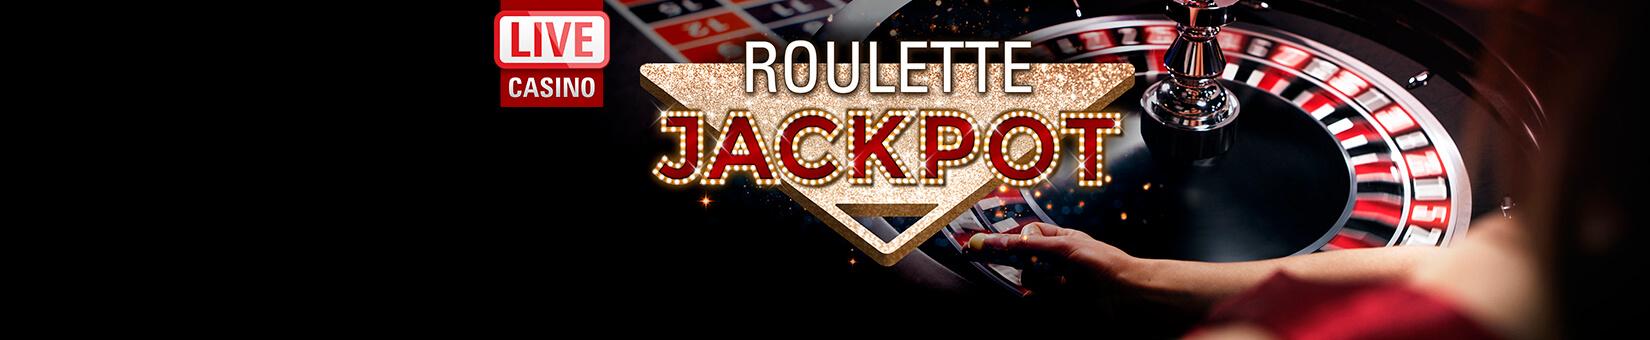 Live roulette 13312